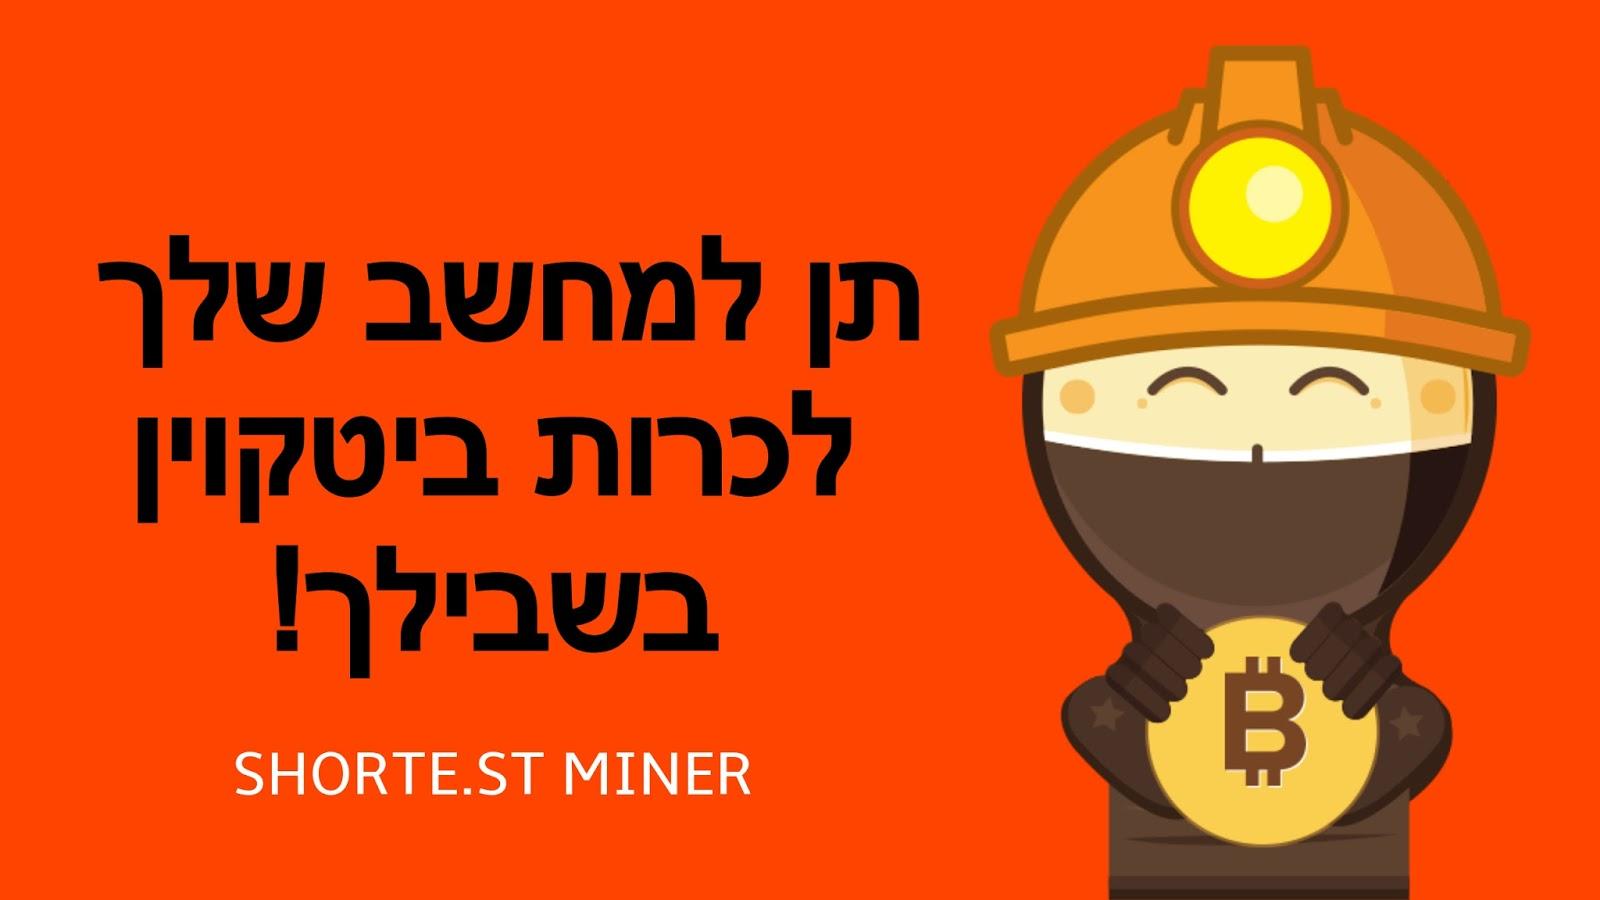 Shorte.st Miner - תן למחשב שלך לכרות ביטקוין בשבילך!